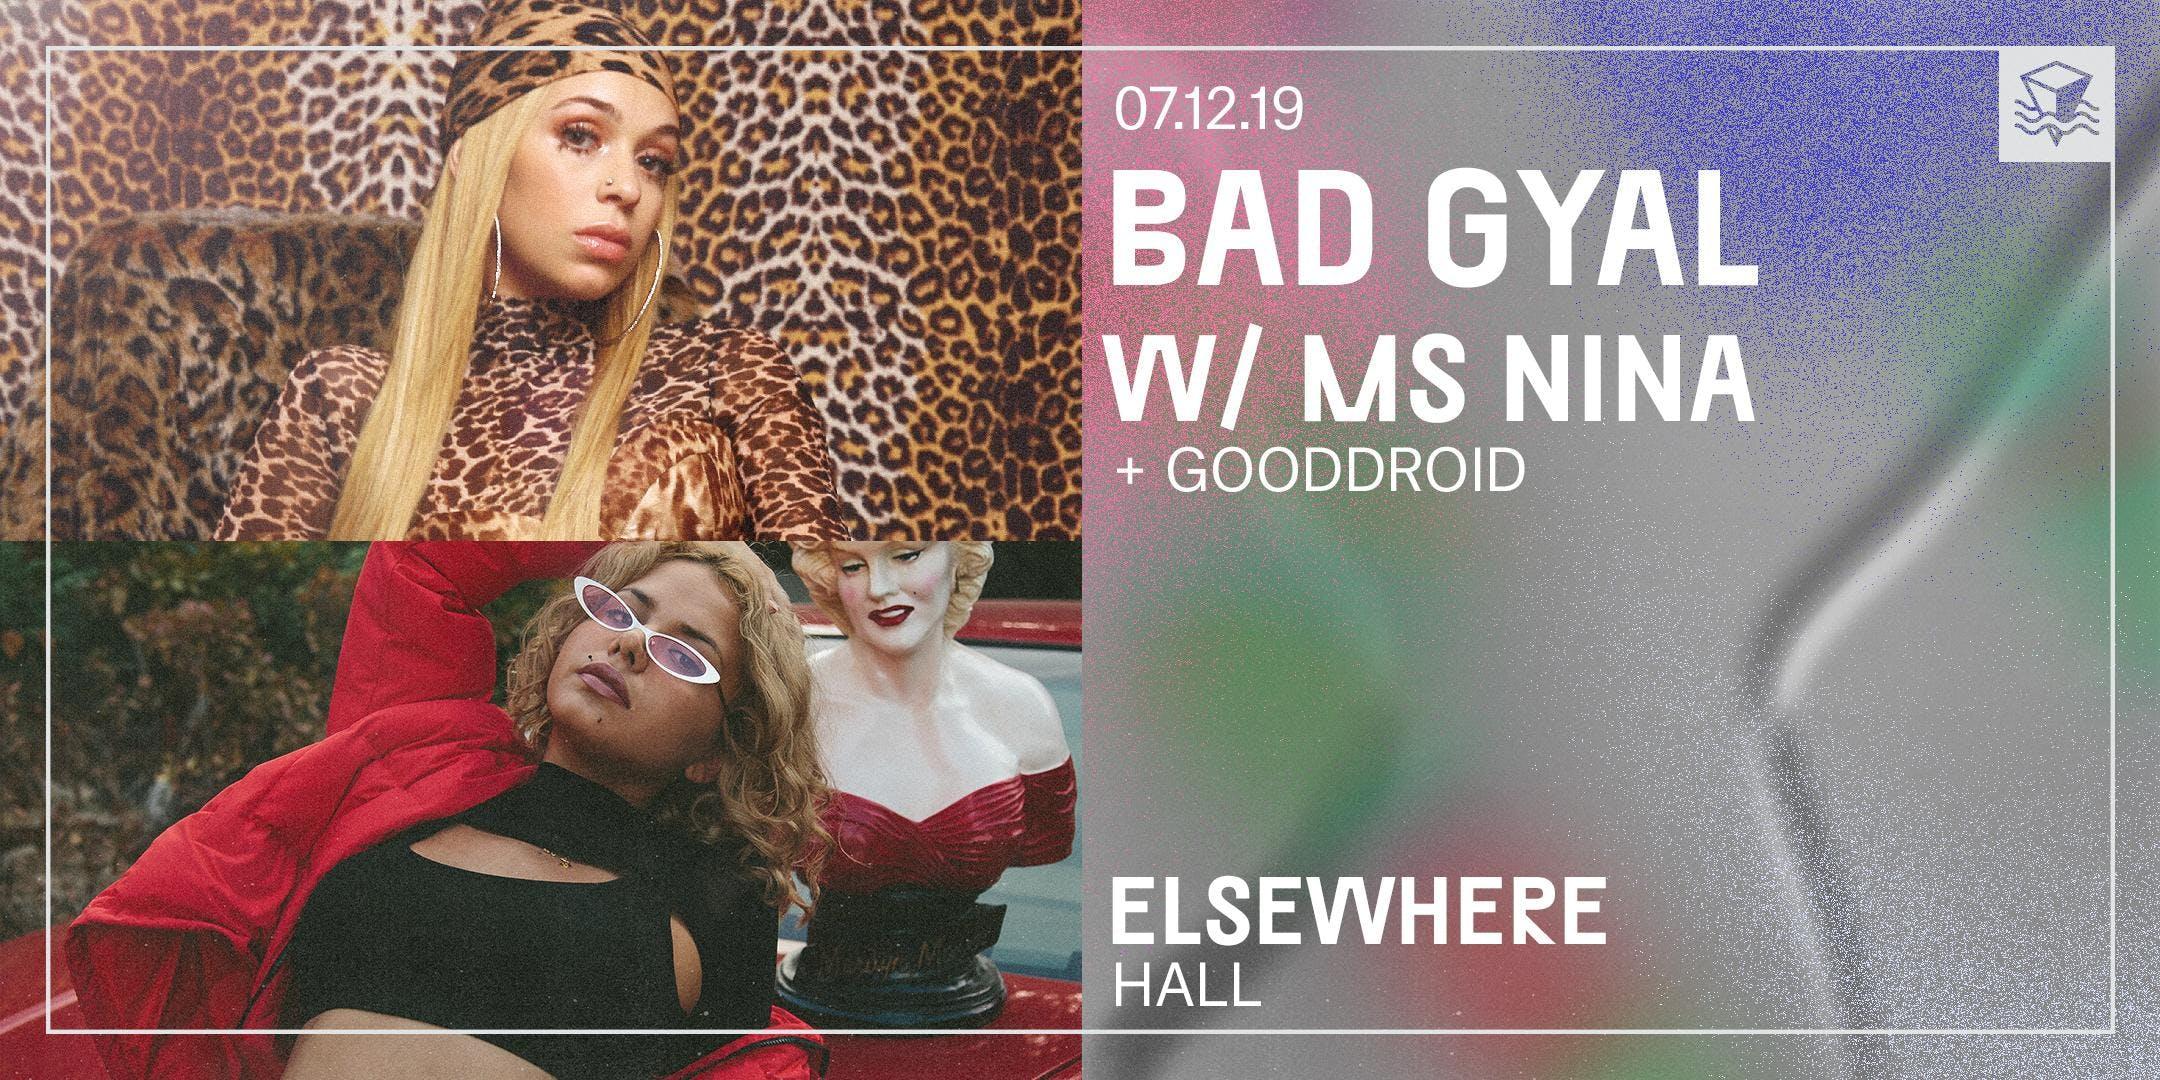 Bad Gyal / Ms Nina